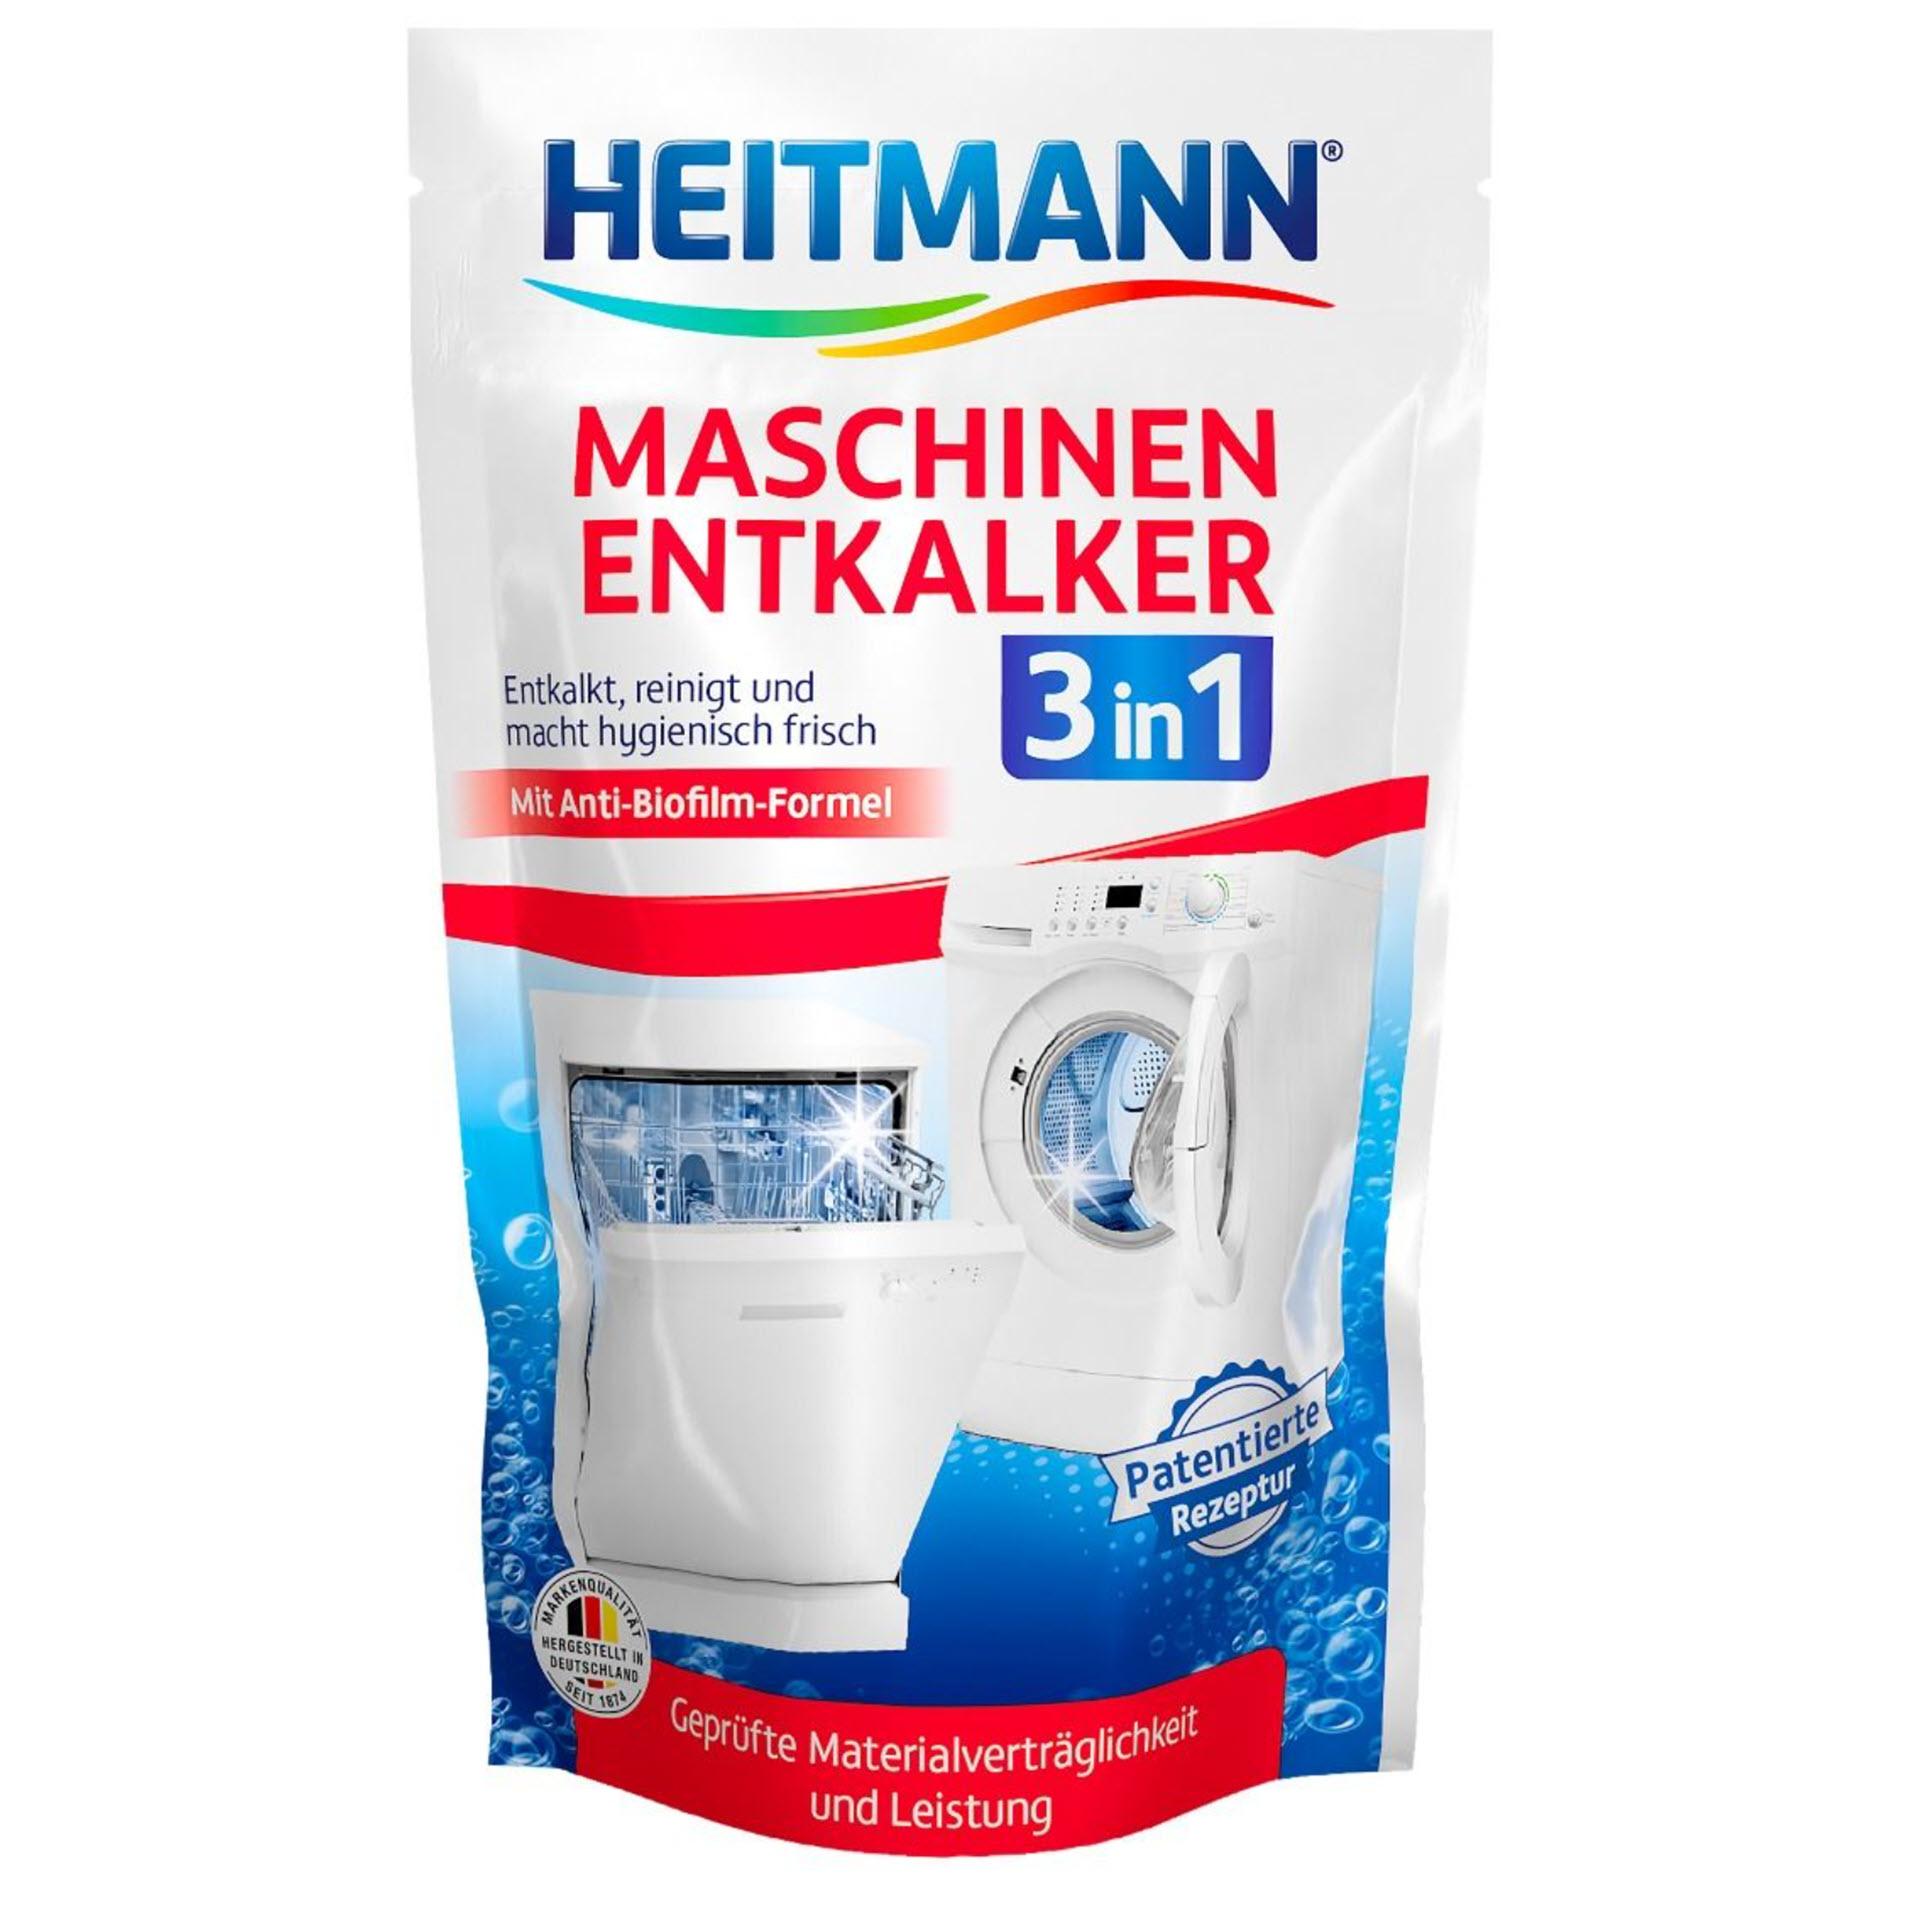 HEITMANN Maschinen-Entkalker 3 in 1 im 175 g Beutel